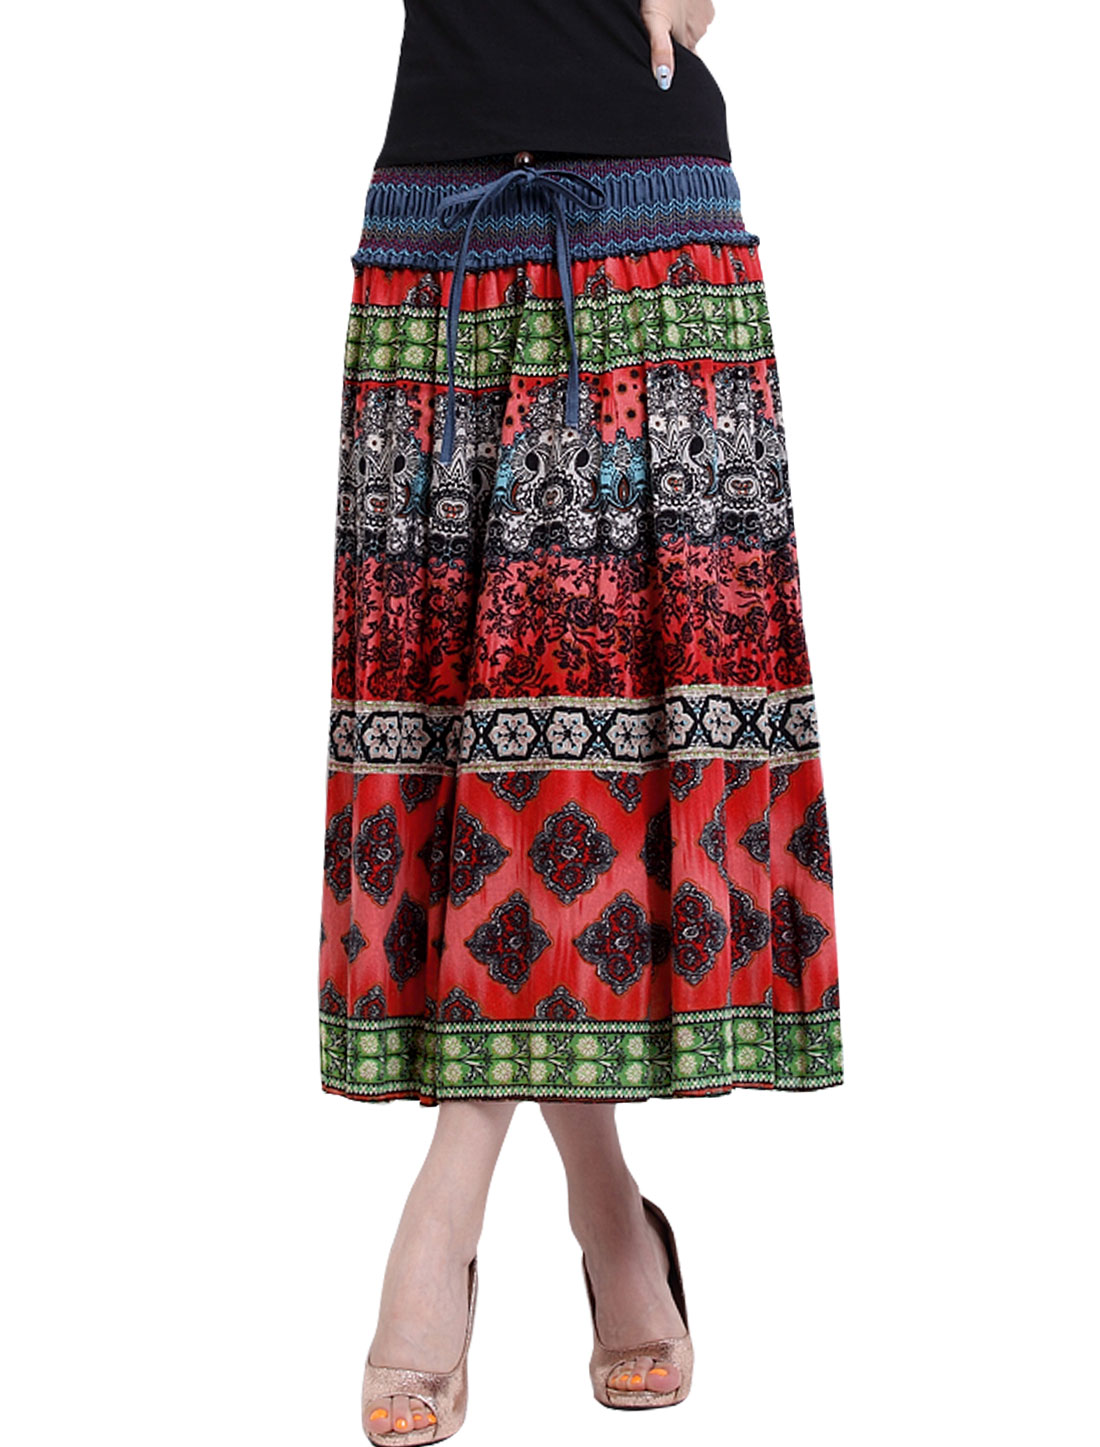 Women Smocked Waist Self Tie Decor Novelty Prints Boho Skirt Red S